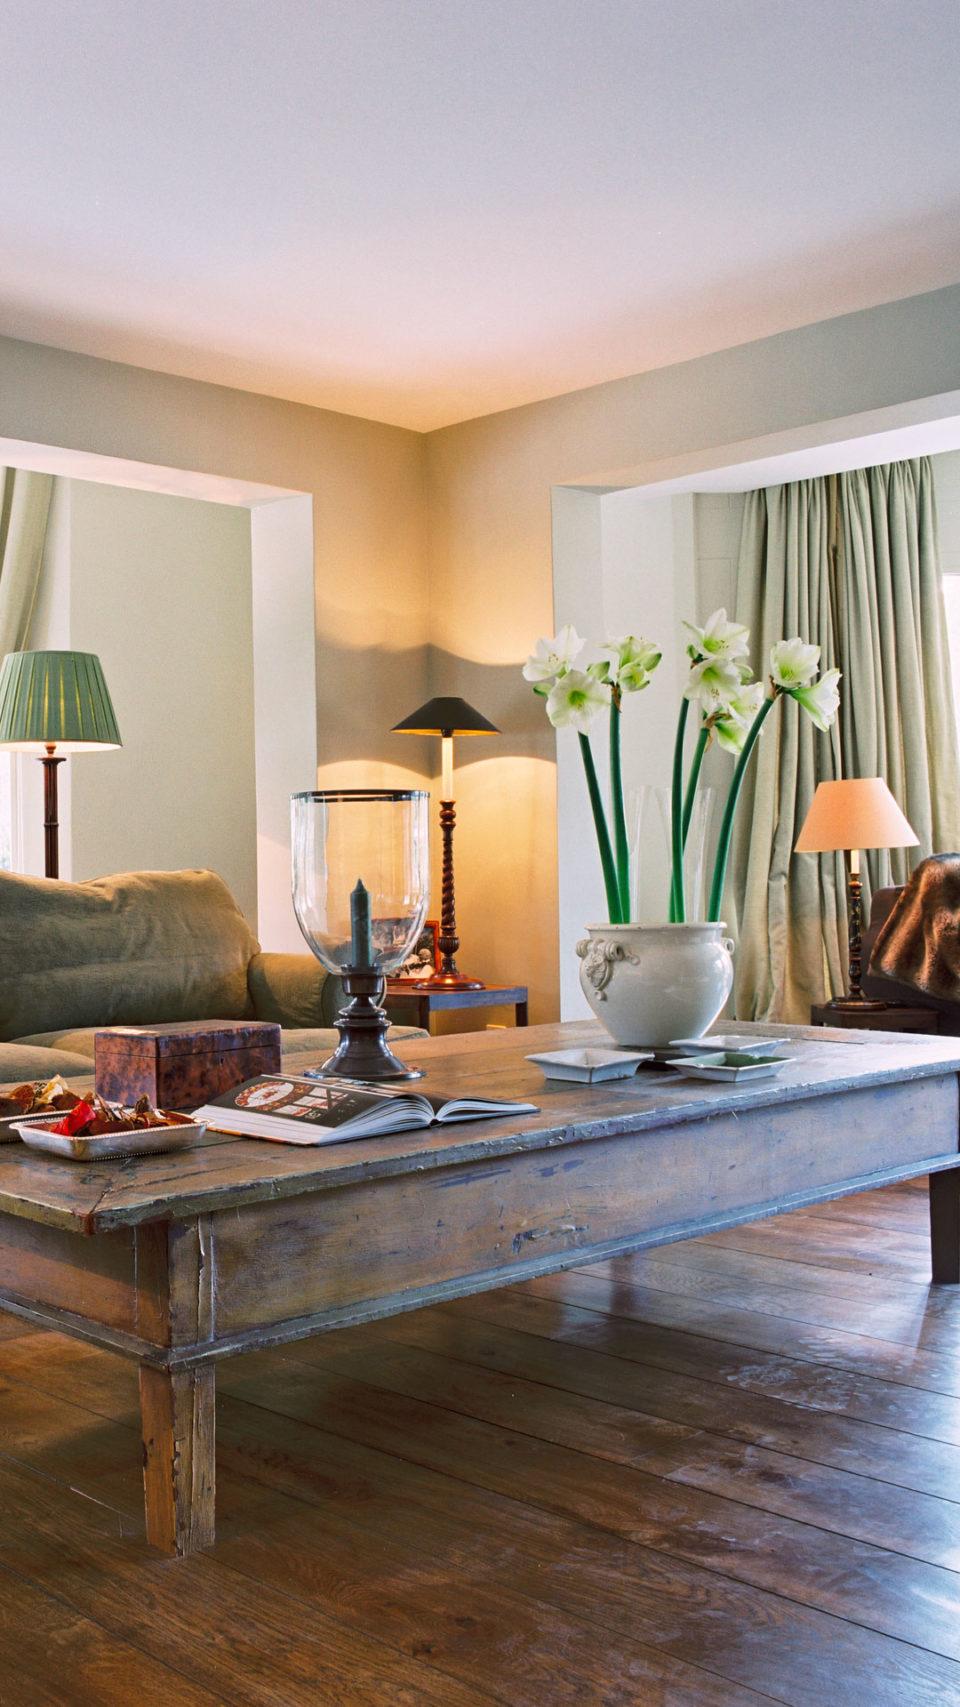 France-Maison-de-campagne_Home1080x1920